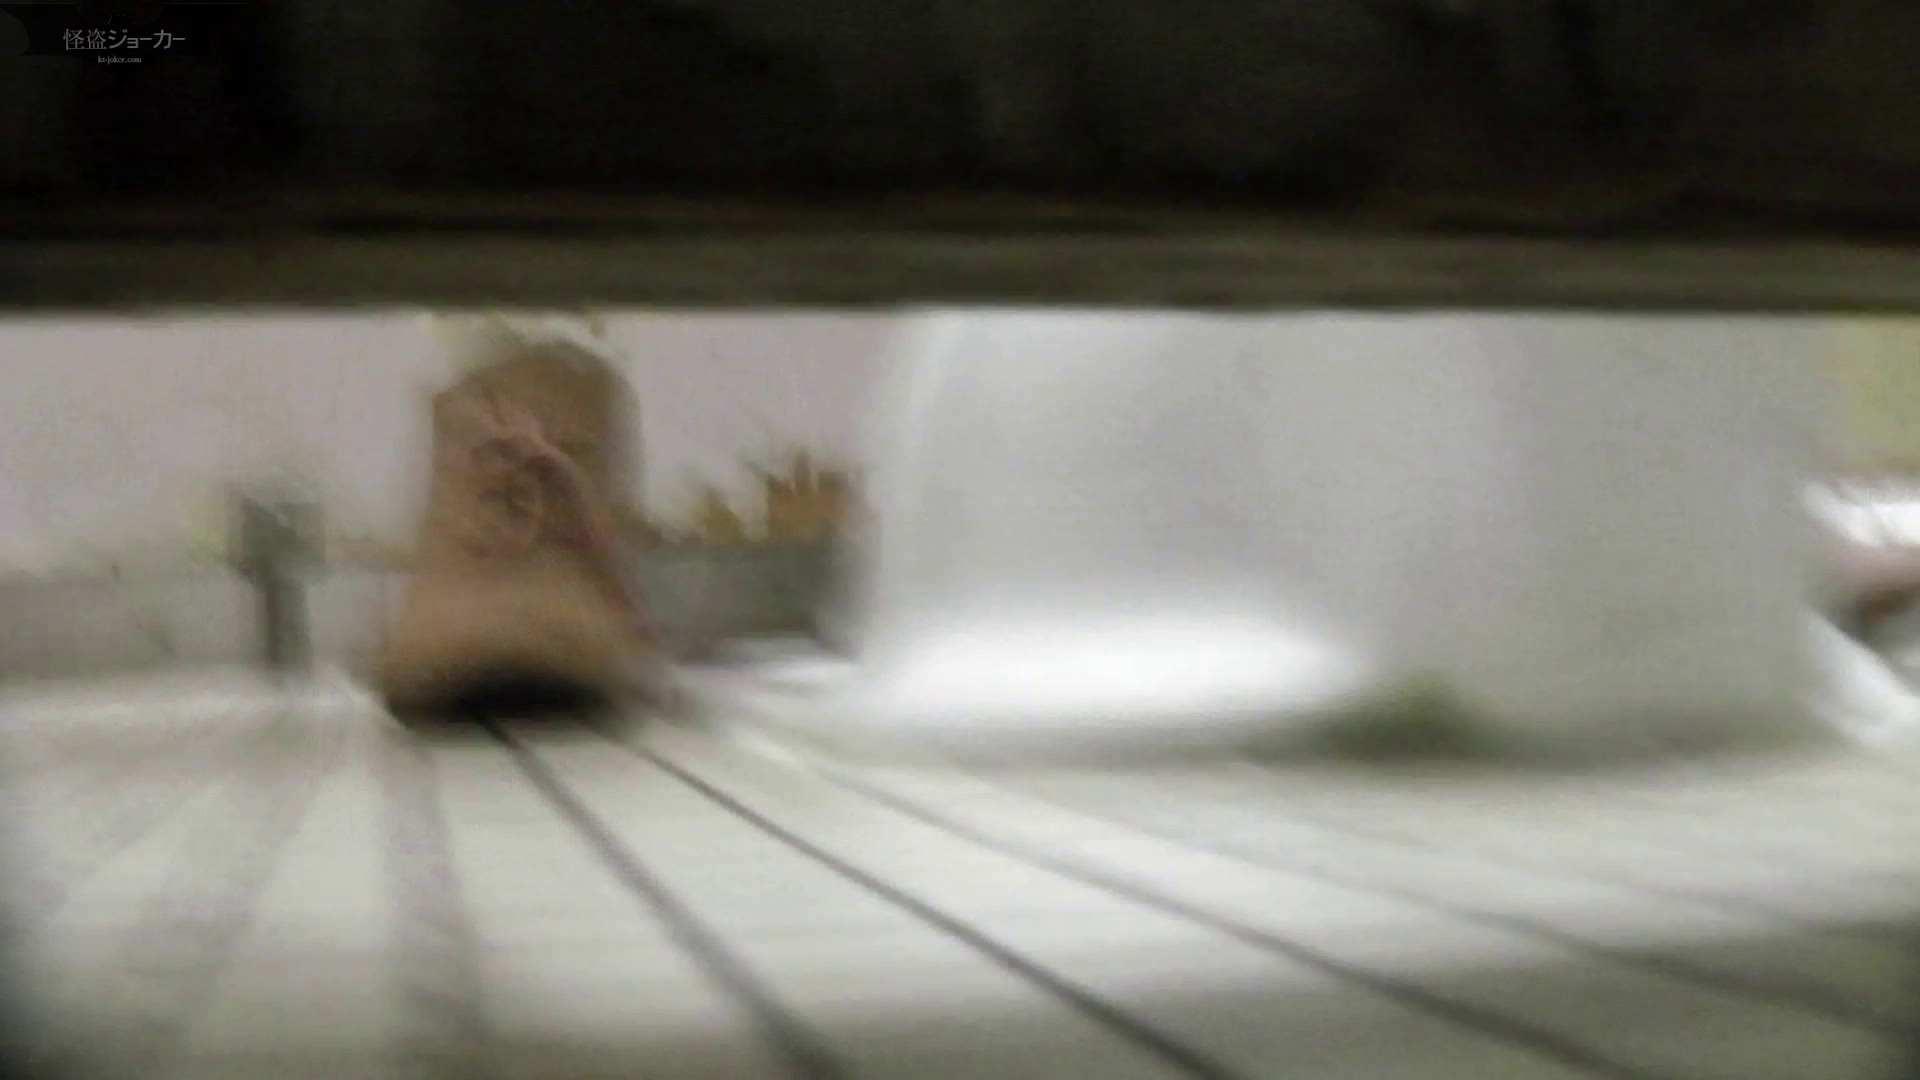 【美しき個室な世界】洗面所特攻隊 vol.046 更に進化【2015・07位】 高評価 | 洗面所  91画像 13